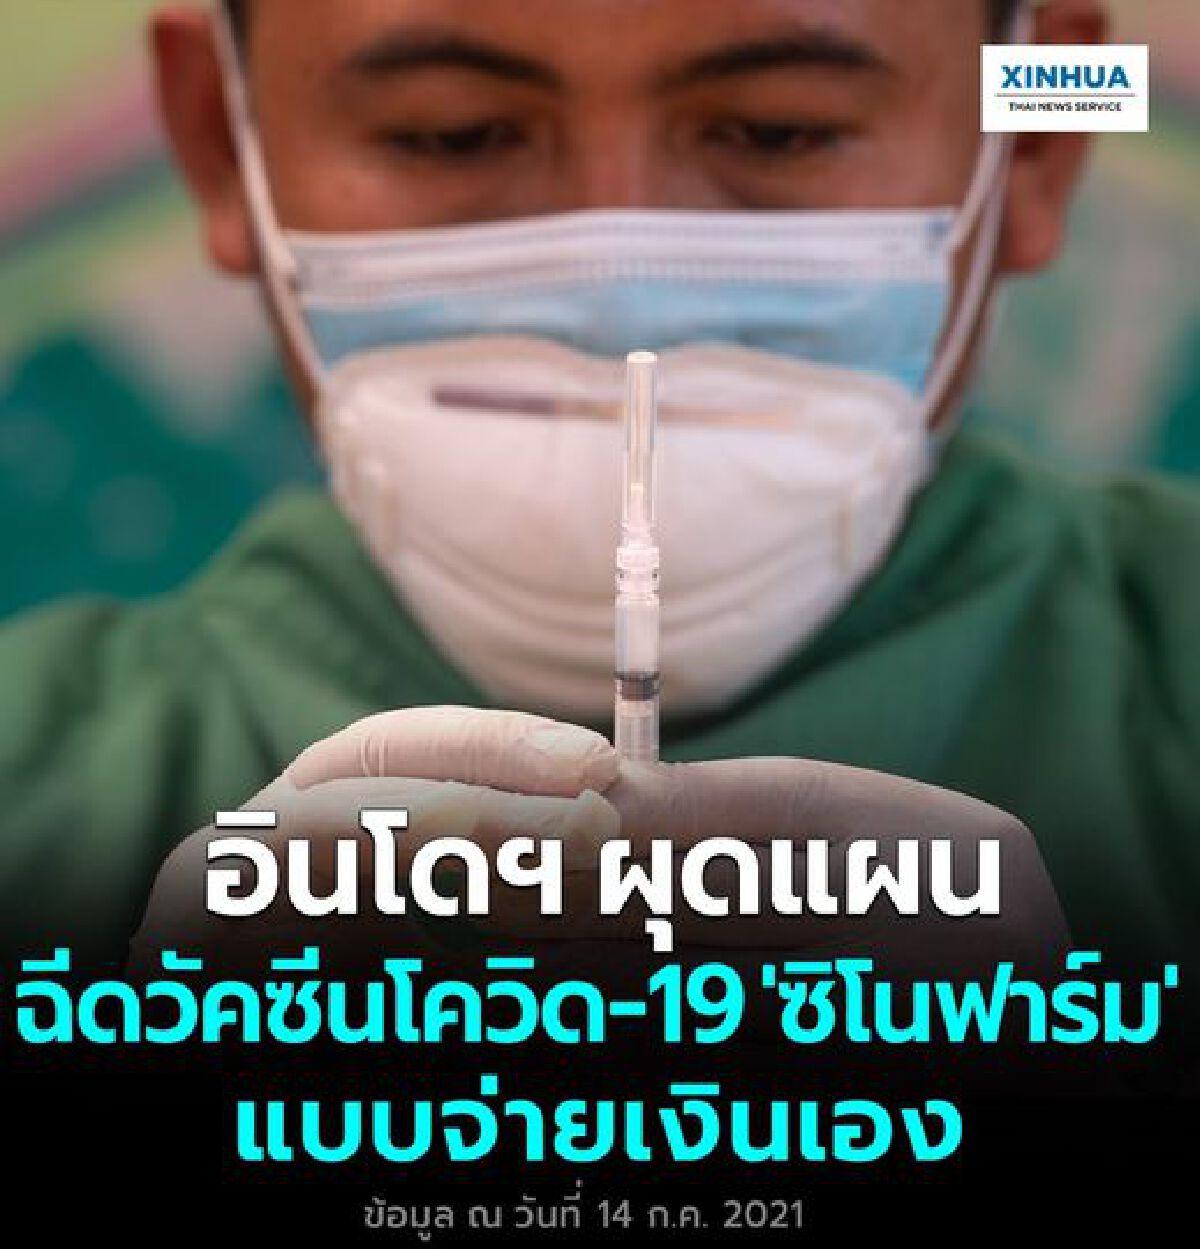 อินโดนีเซีย ผุดแผนฉีดวัคซีนโควิด-19 ซิโนฟาร์ม แบบจ่ายเงินเอง